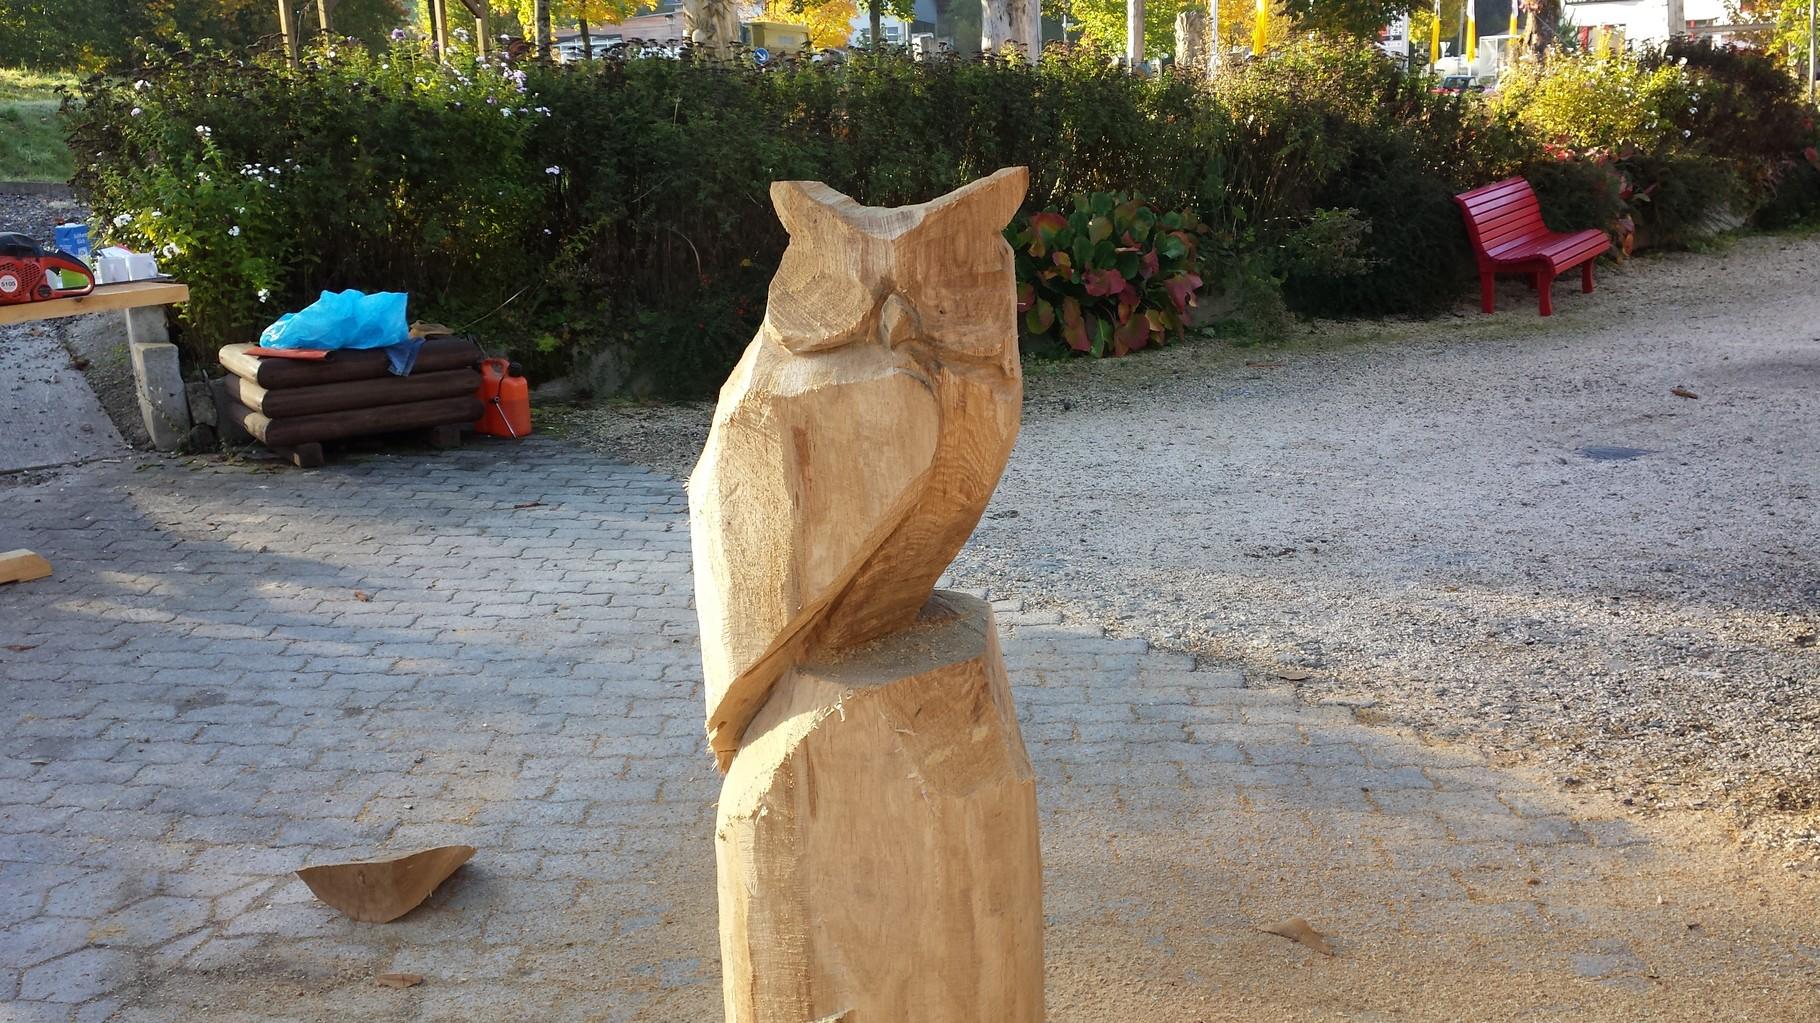 Eule - Schnitzen mit der Kettensäge - Allgäu-Carving by Martina Gast